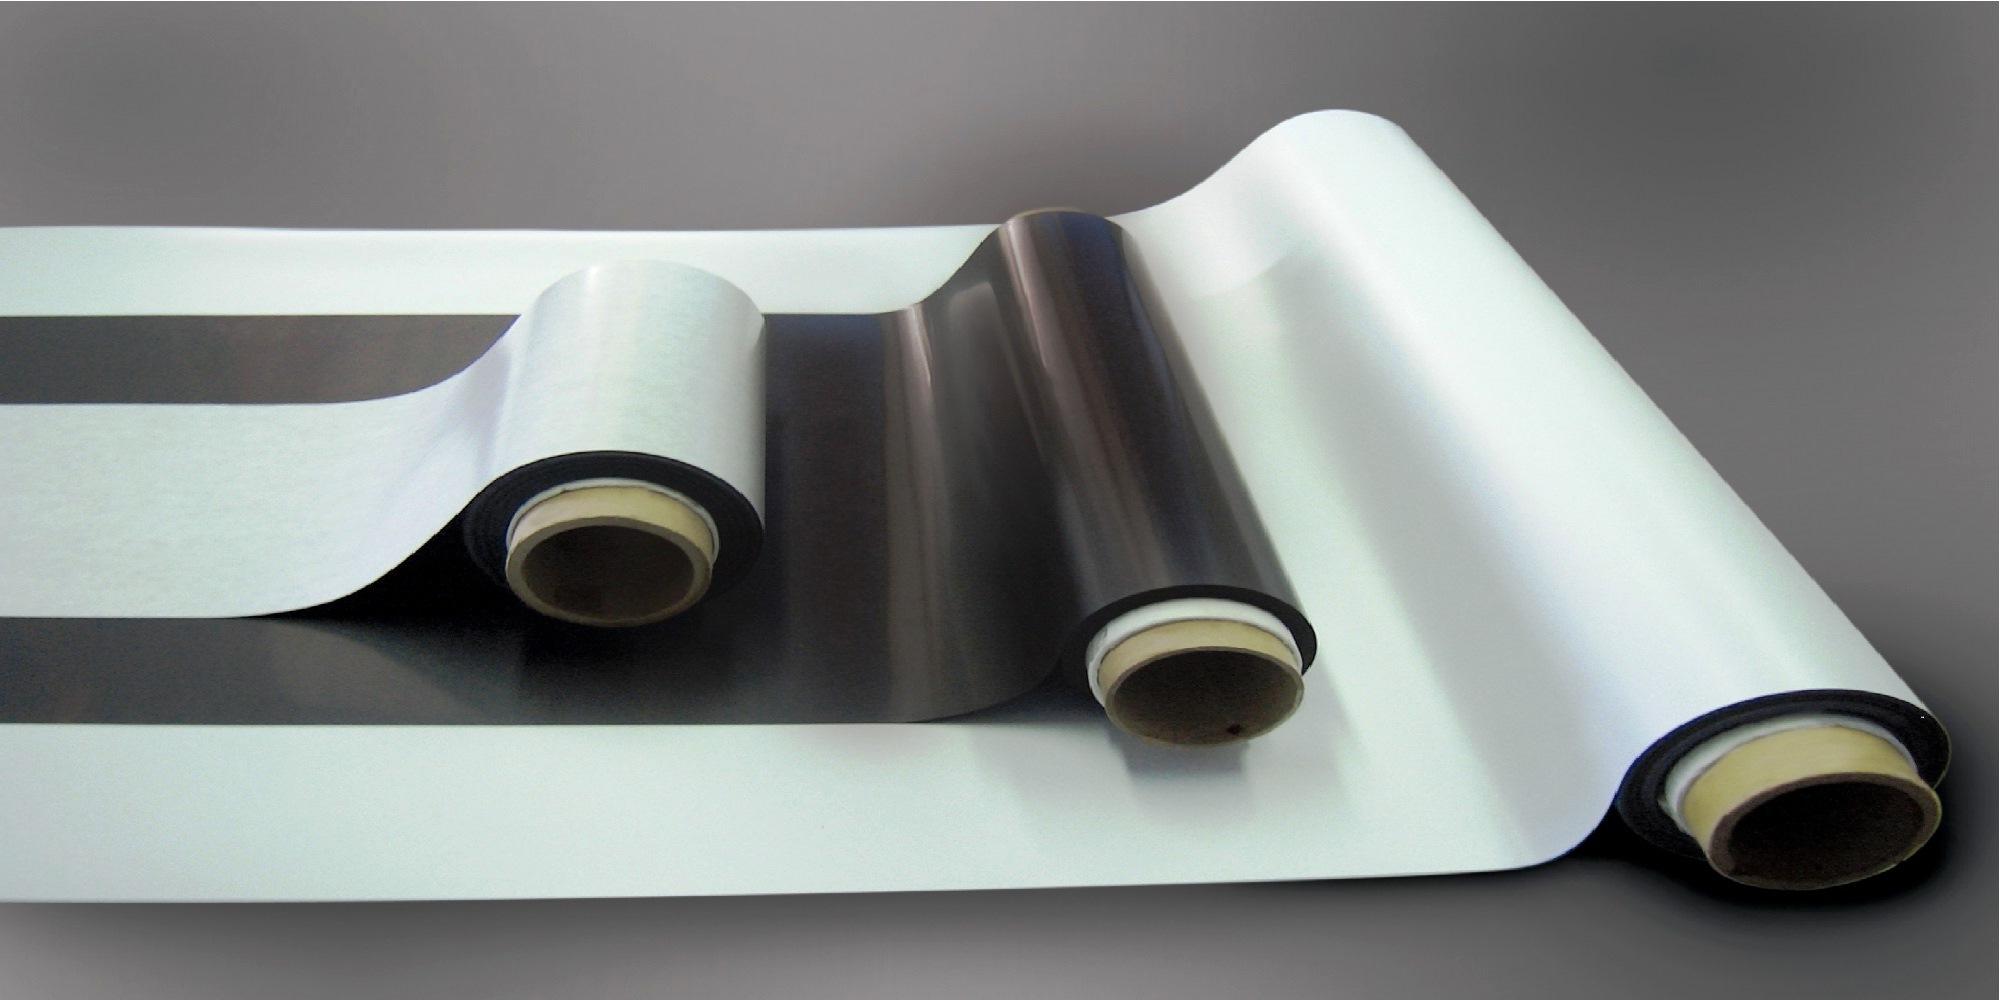 Виды магнитного винила - тема материала, в рамках которого мы подробнее расскажем о магнитном виниле, его свойствах и особенностях использования